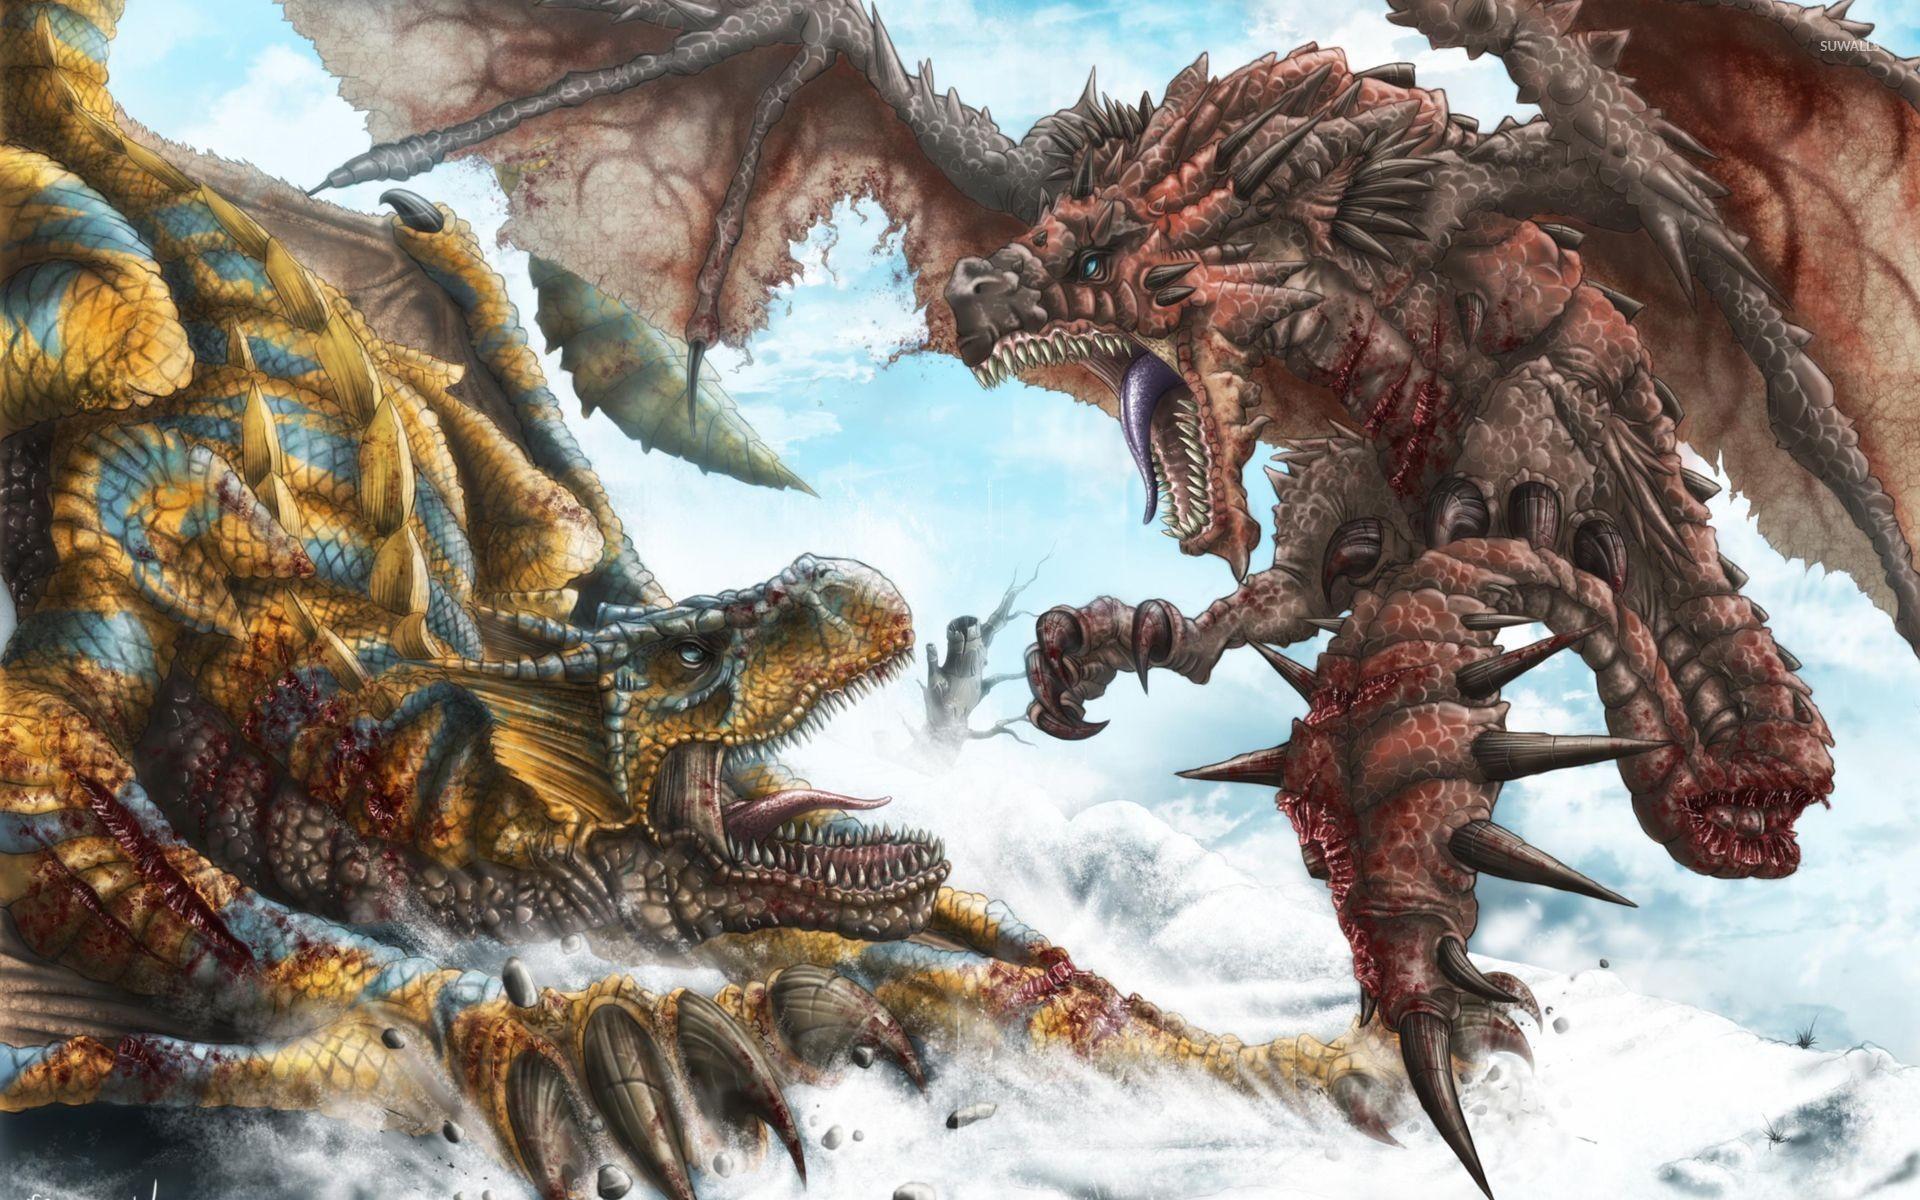 Monster Hunter Tri Wallpaper (67+ images)